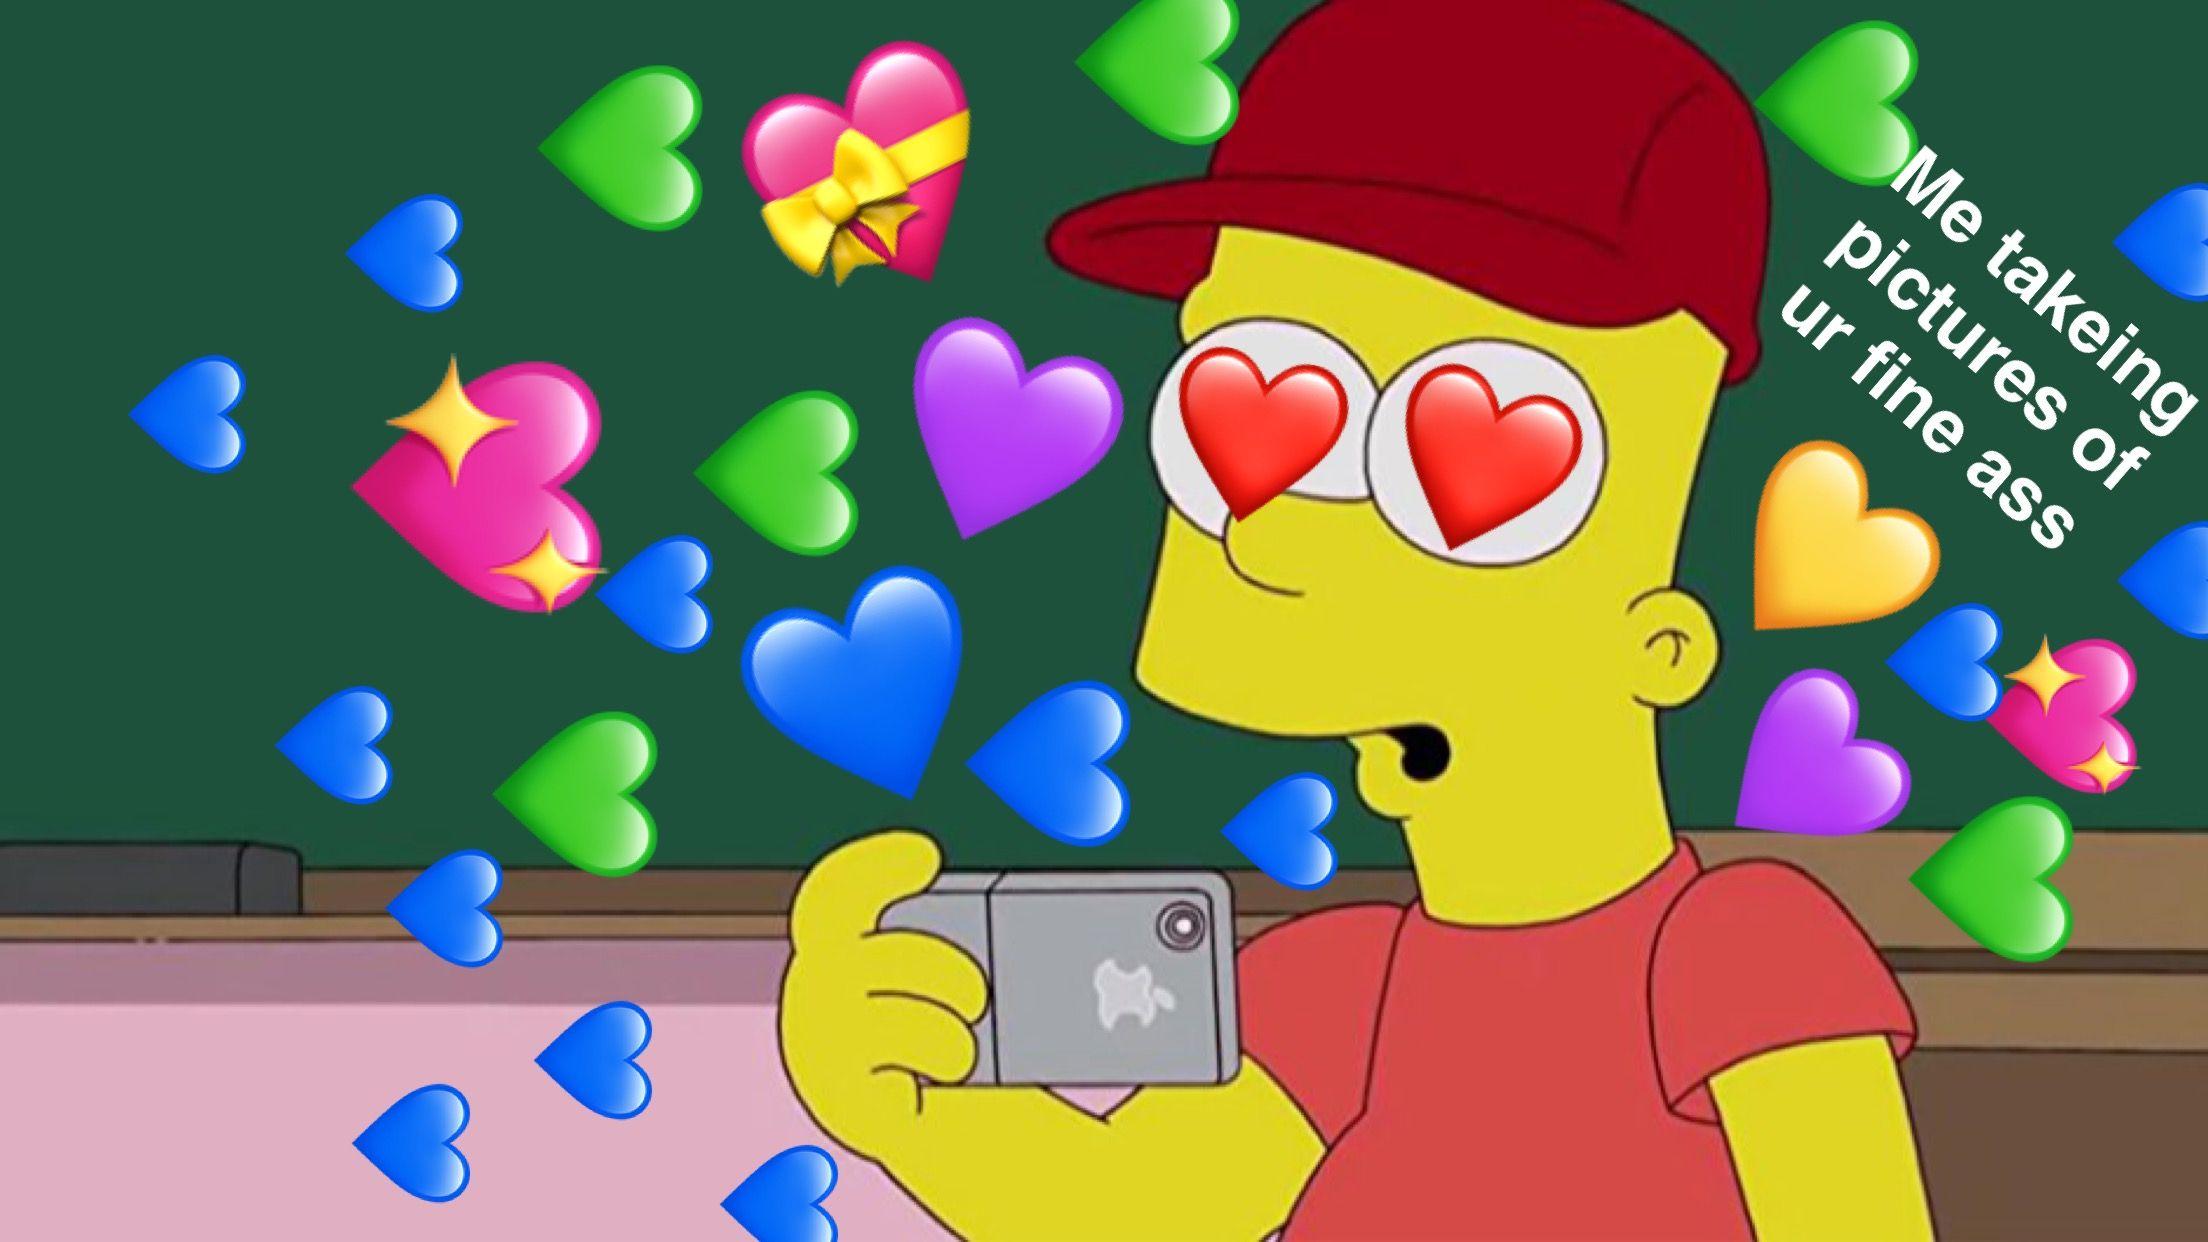 Las 25 Frases Mas Memorables De Los Simpsons E Online Latino Mx